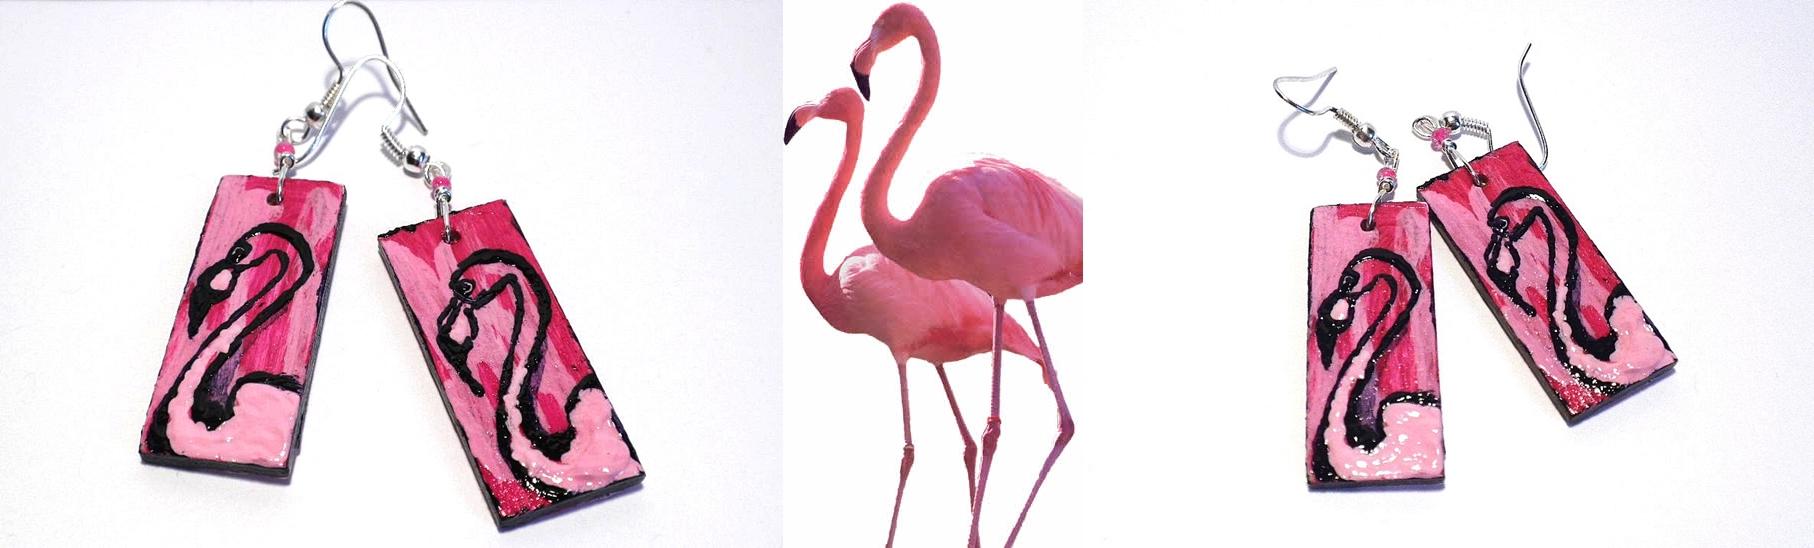 flamingi+foto